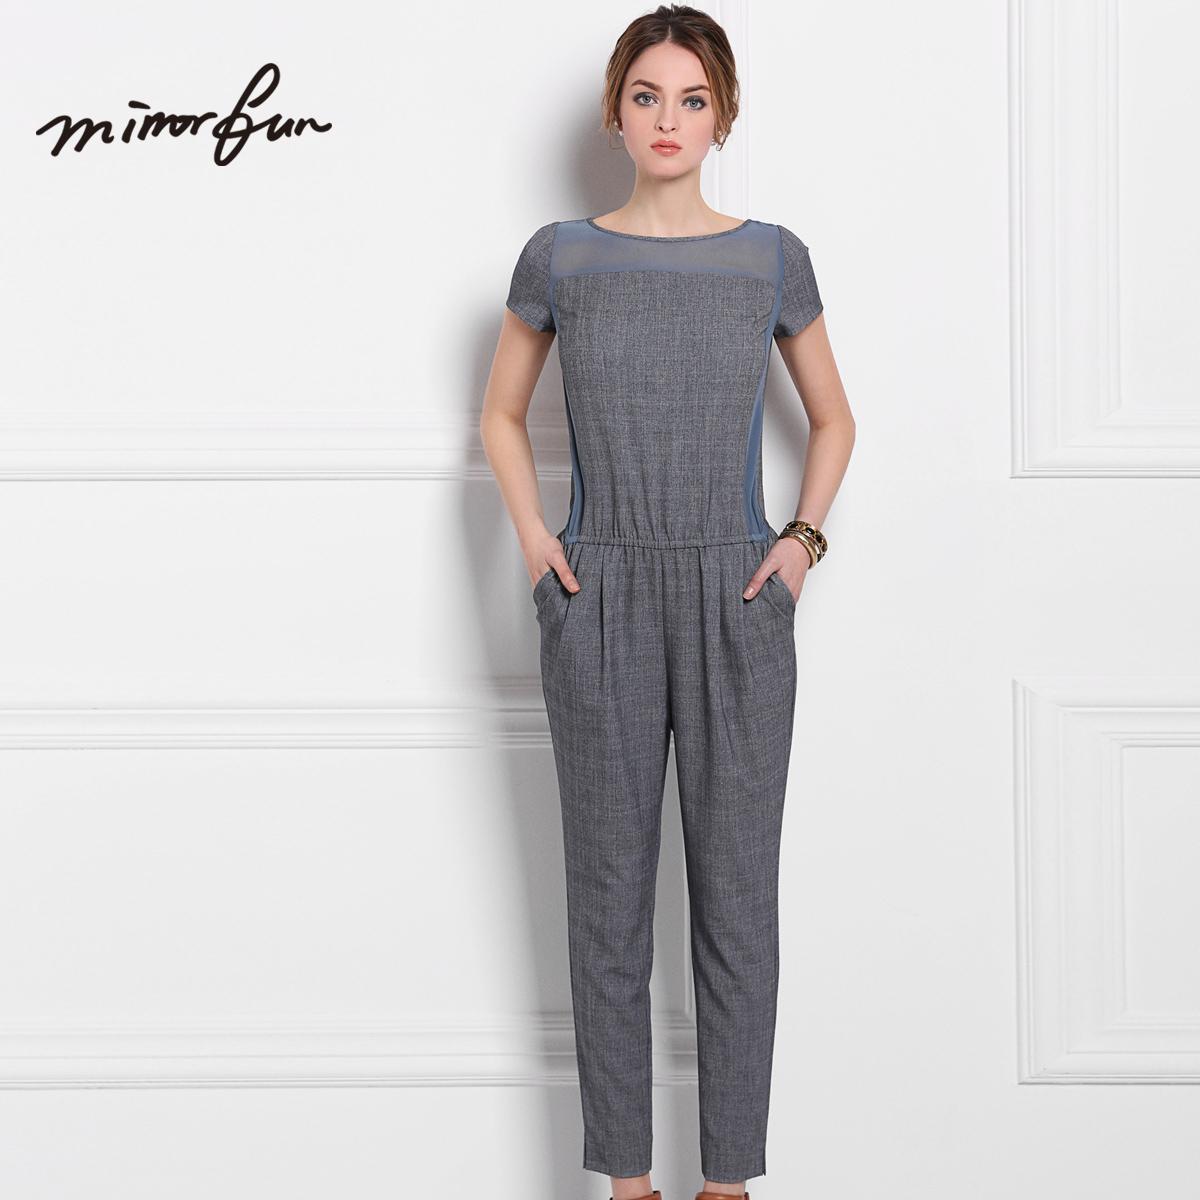 mirror fun 2015夏装新款 大气暗纹真丝连体裤 上架待定请先收藏